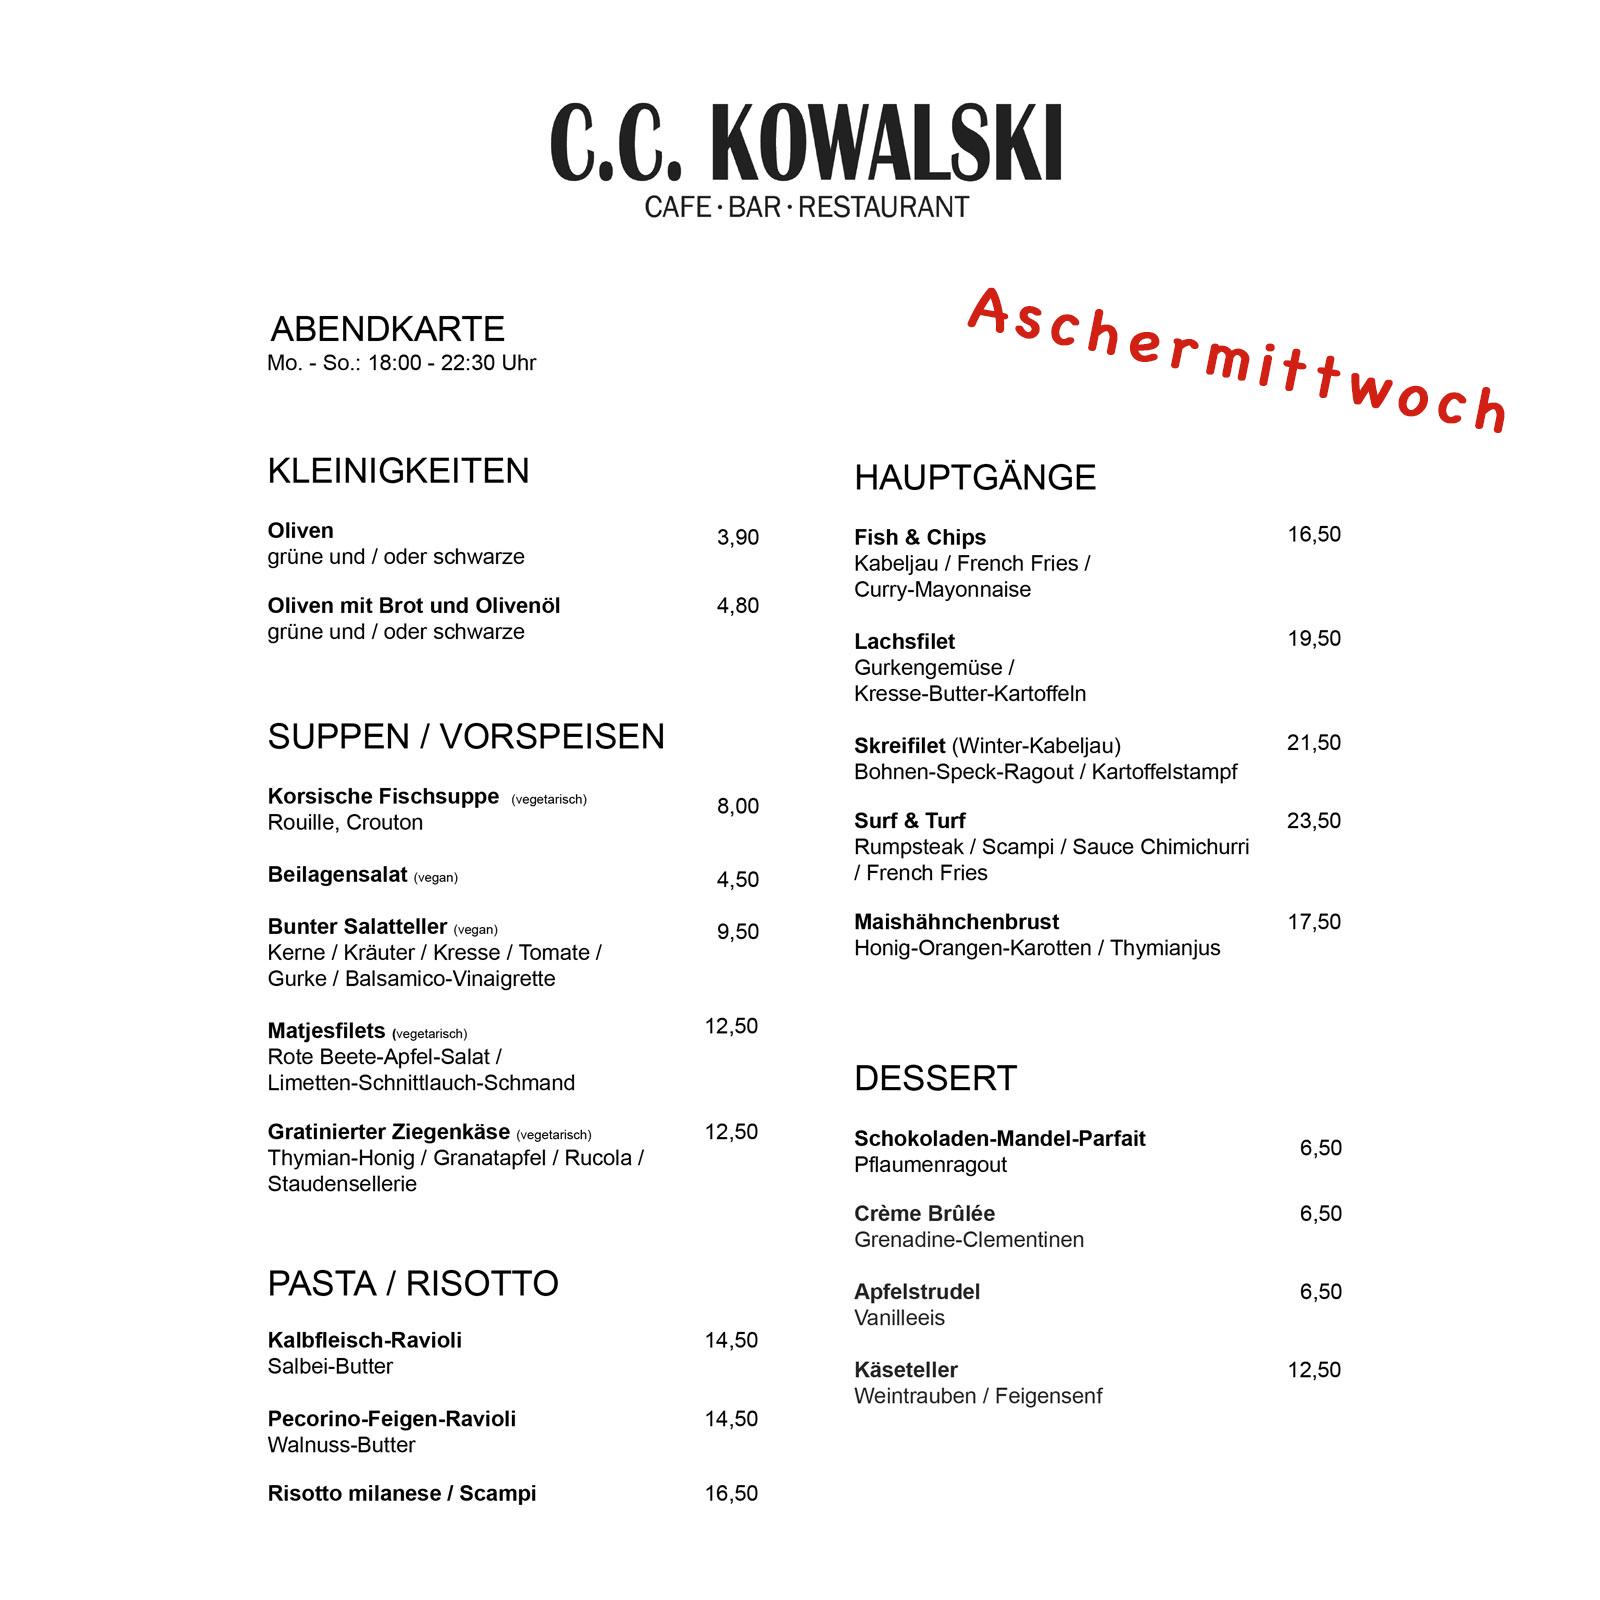 Aschermittwoch 2019 Abendkarte C.C. Kowalski